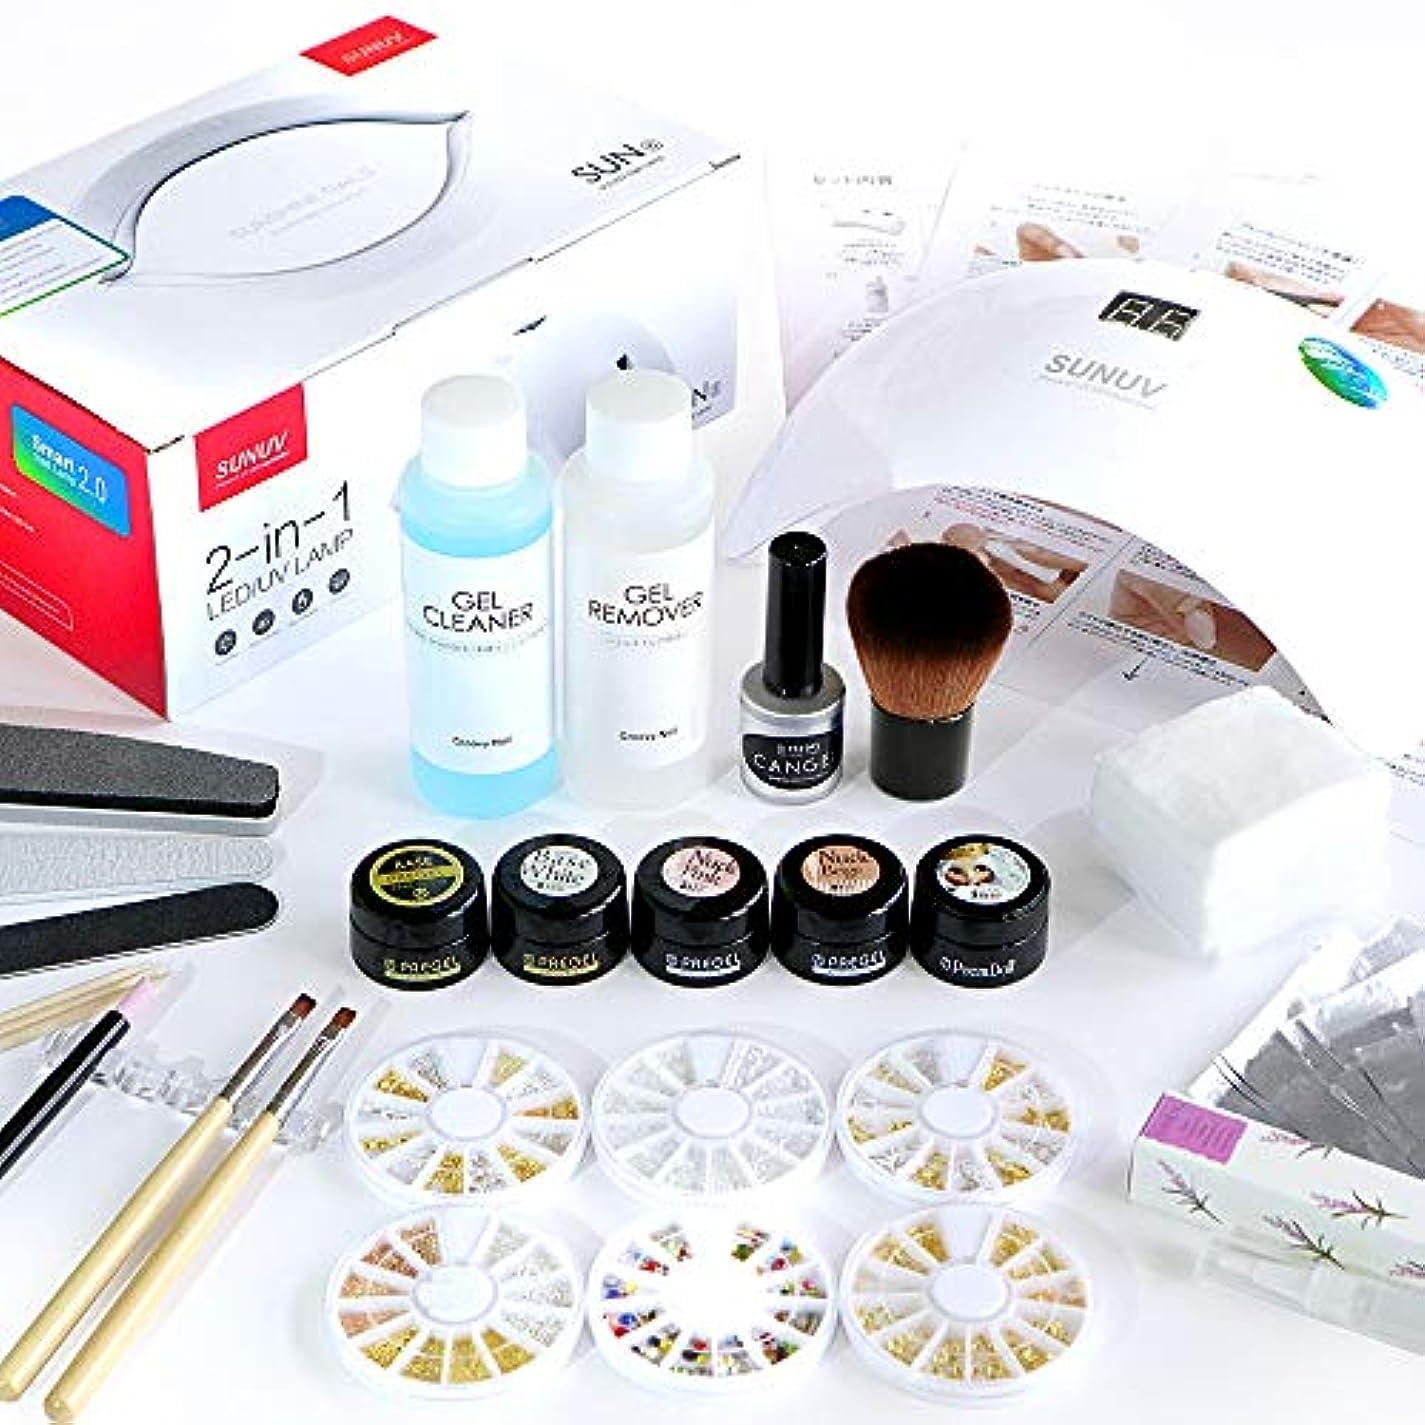 逸話経営者やろうPREGEL プリジェル ジェルネイル スターターキット 日本製カラージェル4色+LEDライト48W ネイルアート 初心者におすすめ